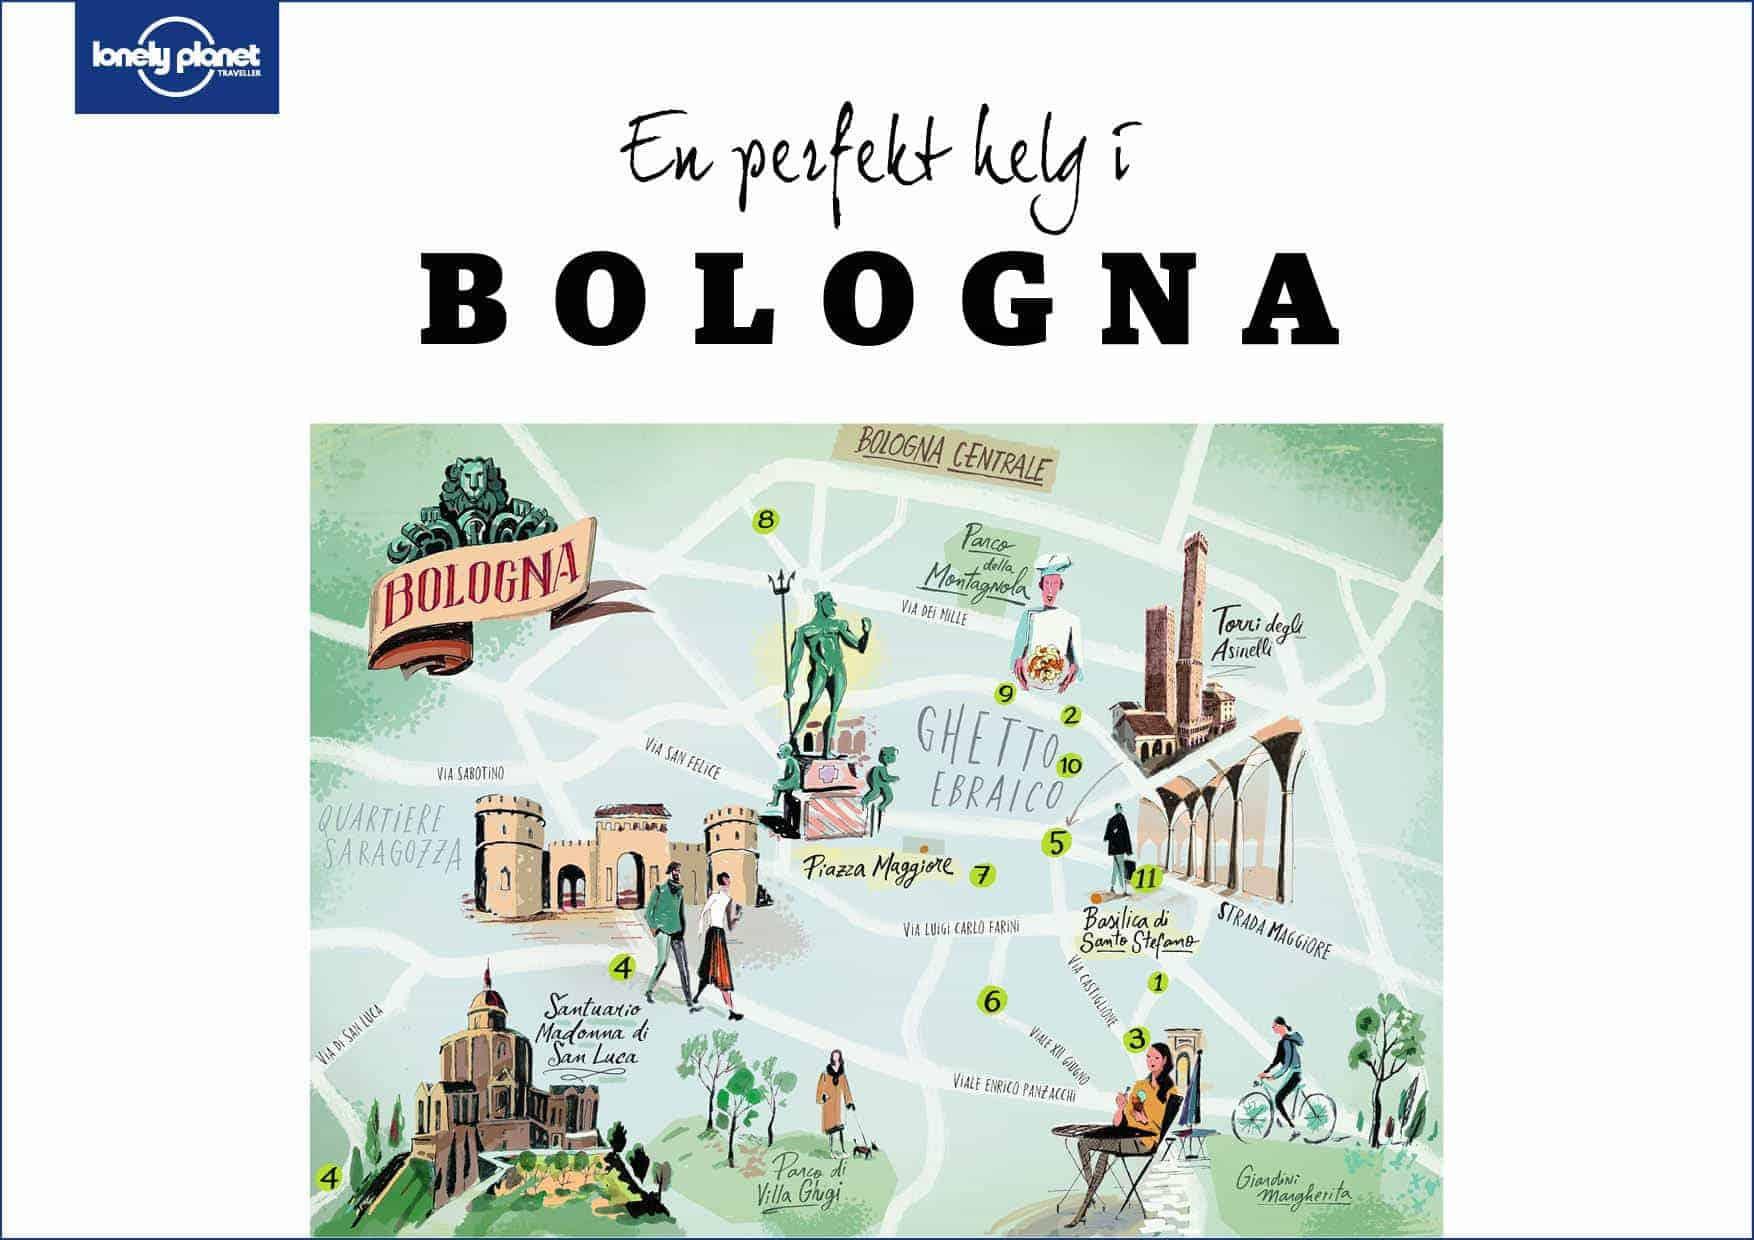 En perfekt helg i Bologna